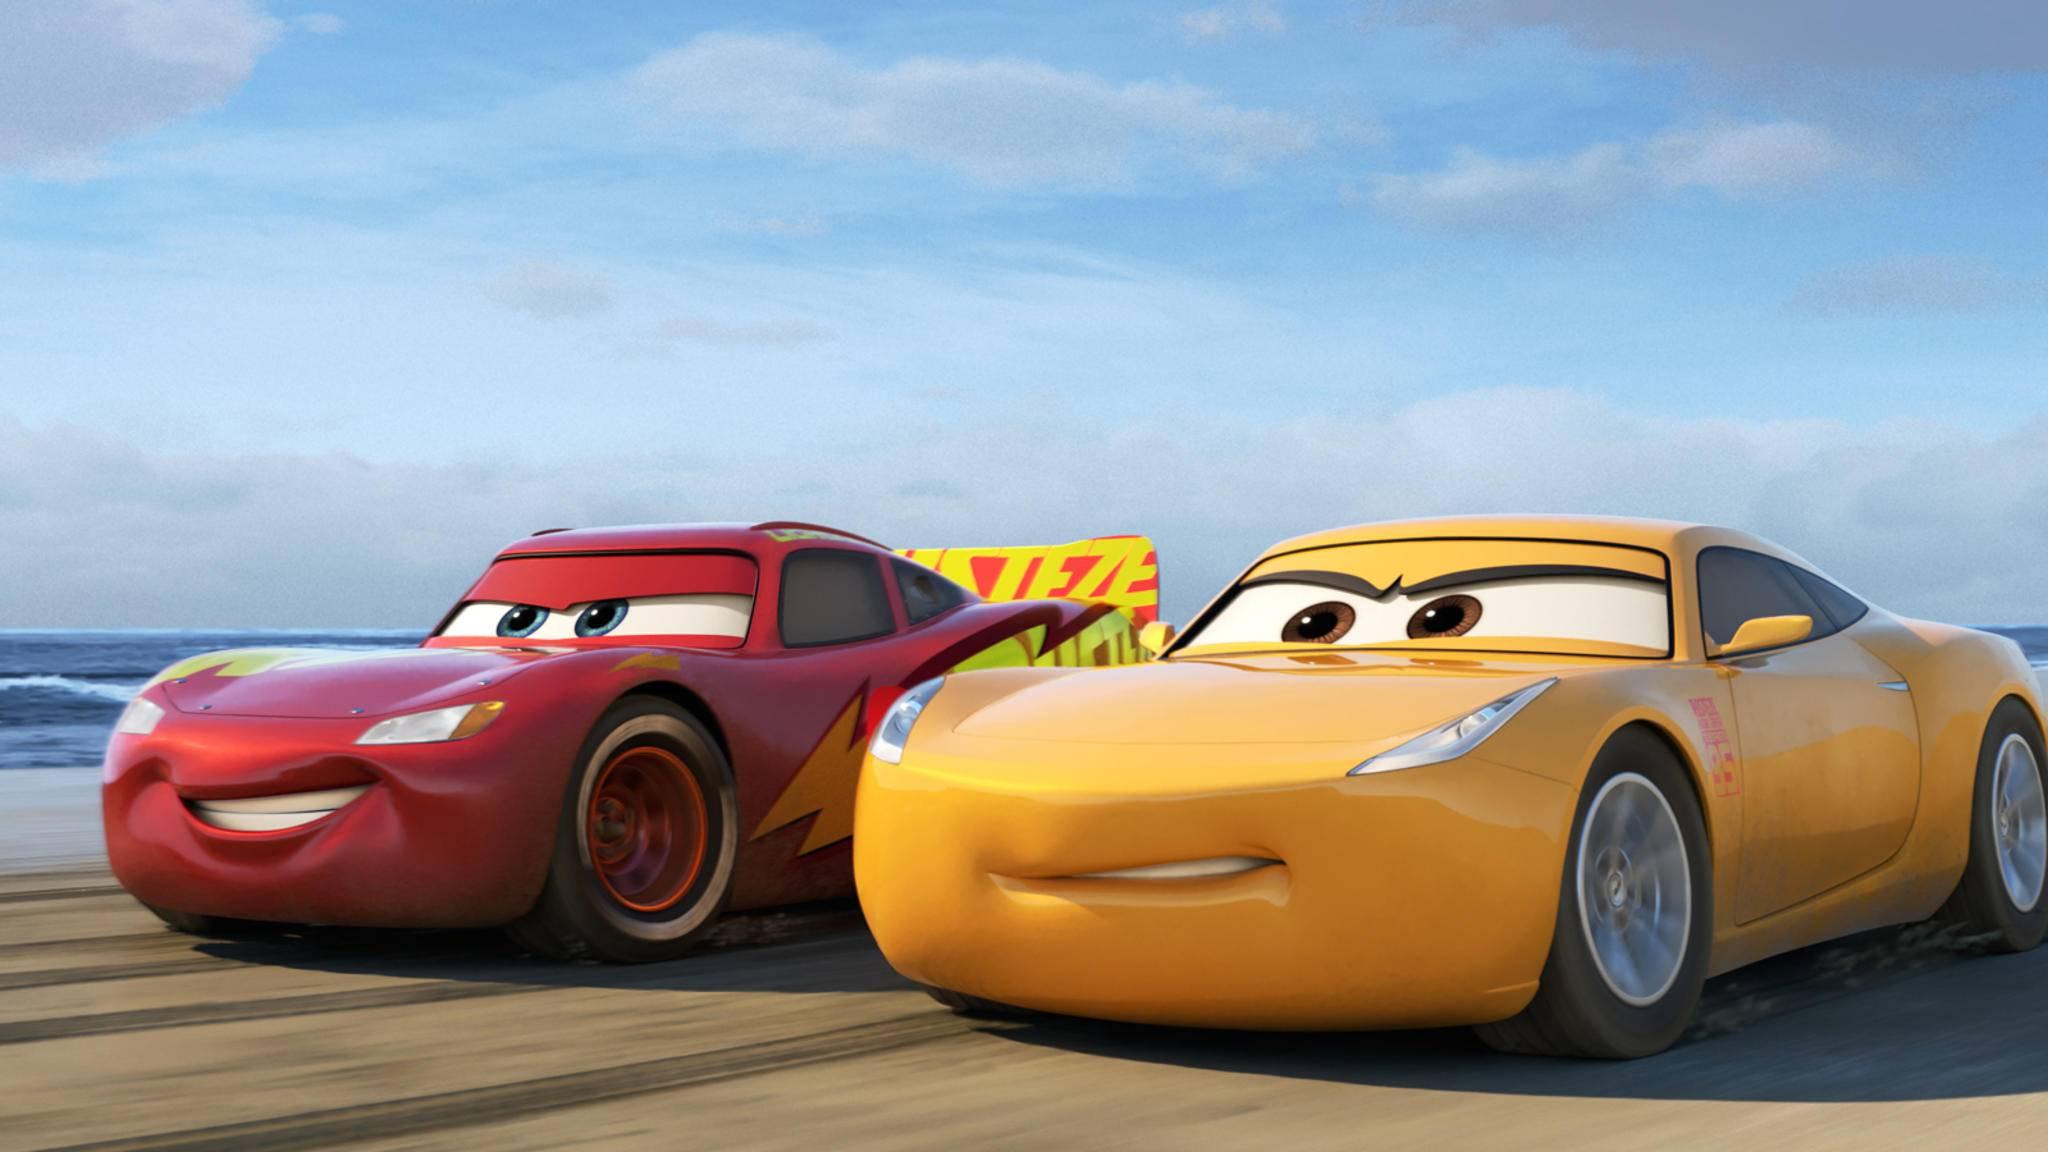 Am 28. September gibt Lightning McQueen auf der großen Kinoleinwand wieder Gummi.